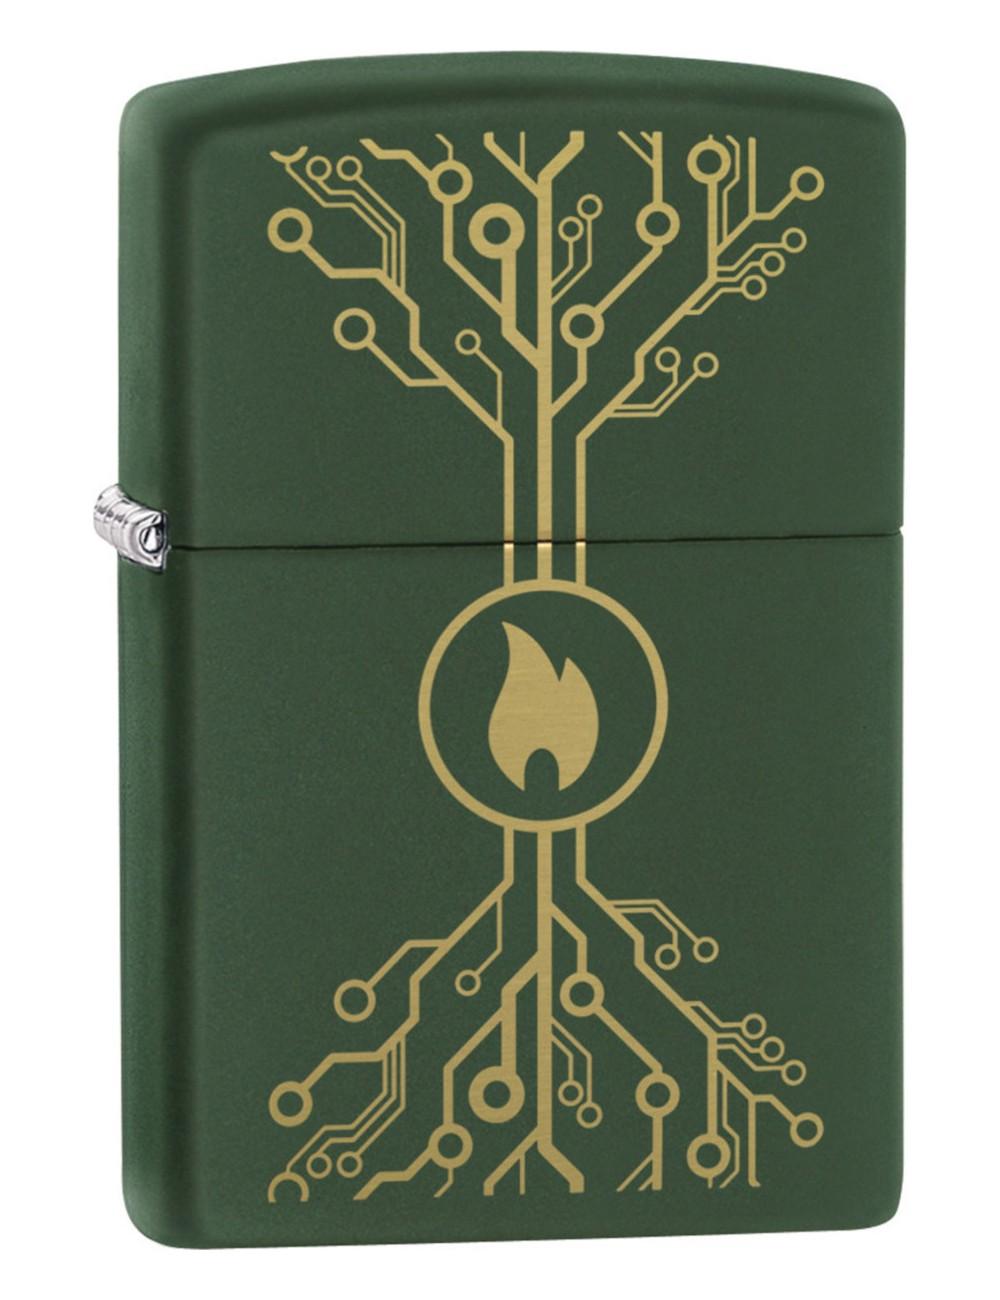 Zippo 49221 Flame Tech Design